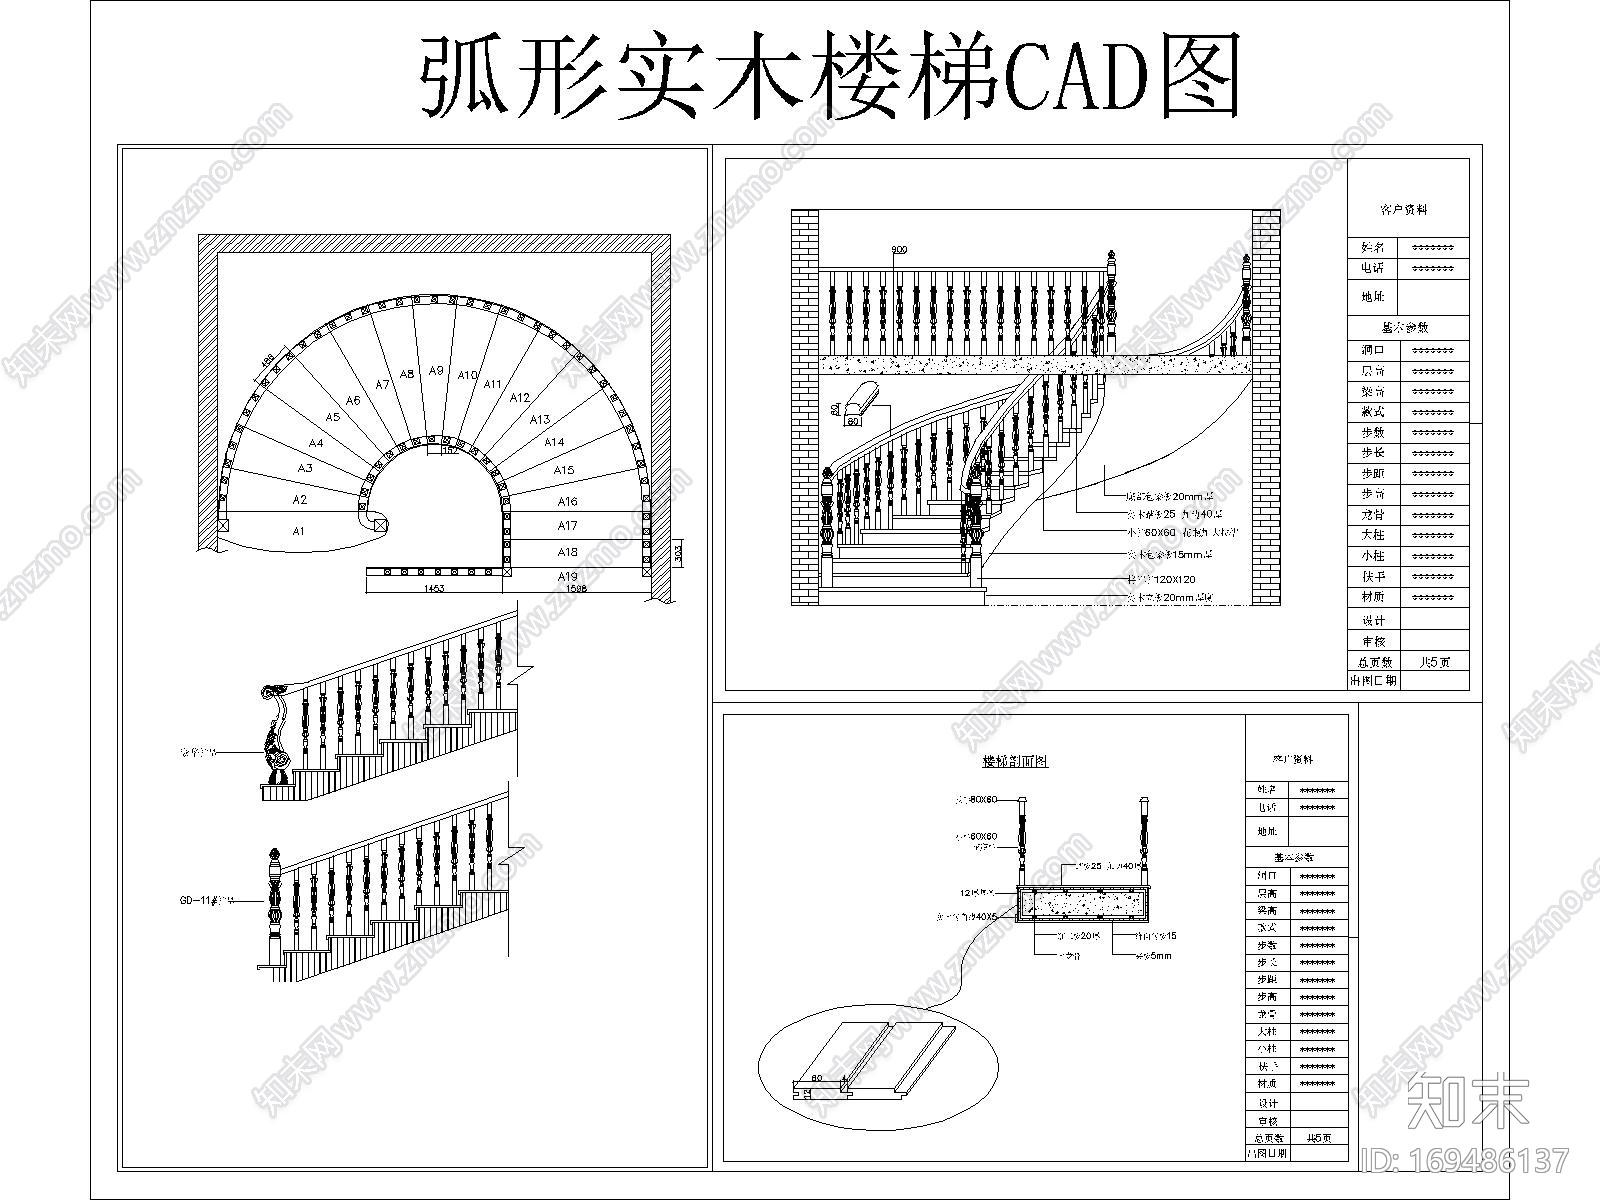 弧形实木楼梯CAD图施工图下载【ID:169486137】